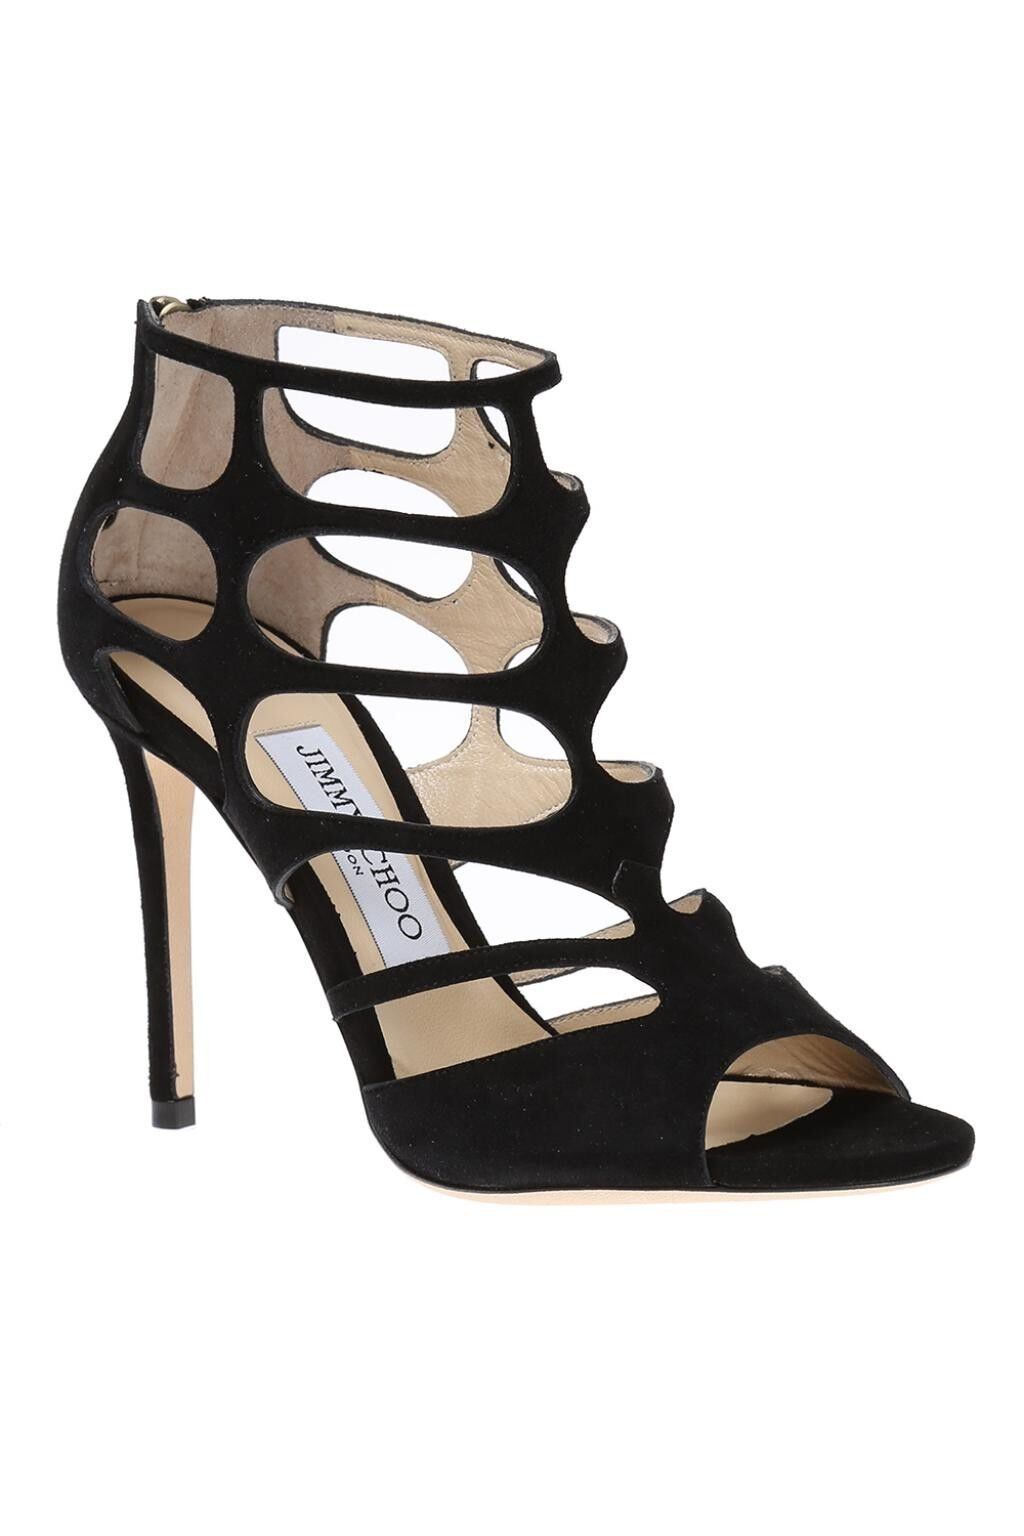 risparmia fino al 30-50% di sconto Jimmy CHOO nero nero nero scarpe sandali in pelle scamosciata misura 4.5 37.5  con il prezzo economico per ottenere la migliore marca